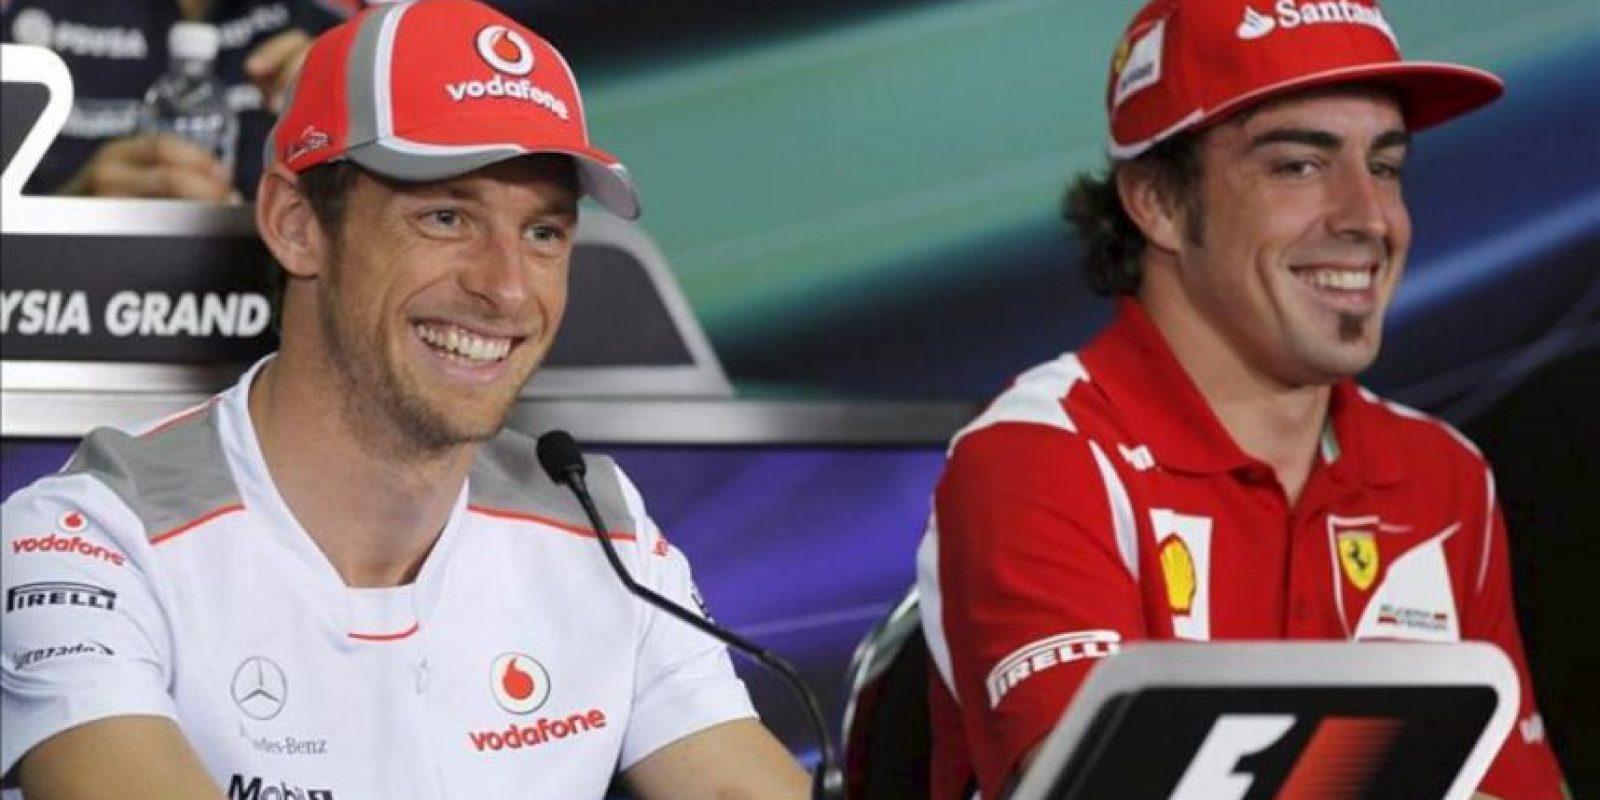 El piloto español de Fórmula Uno Fernando Alonso (dcha), de la escudería Ferrari, ofrece hoy una rueda de prensa junto al británico Jenson Button, de McLaren, en el circuito de Sepang a las afueras de Kuala Lumpur (Malasia). EFE